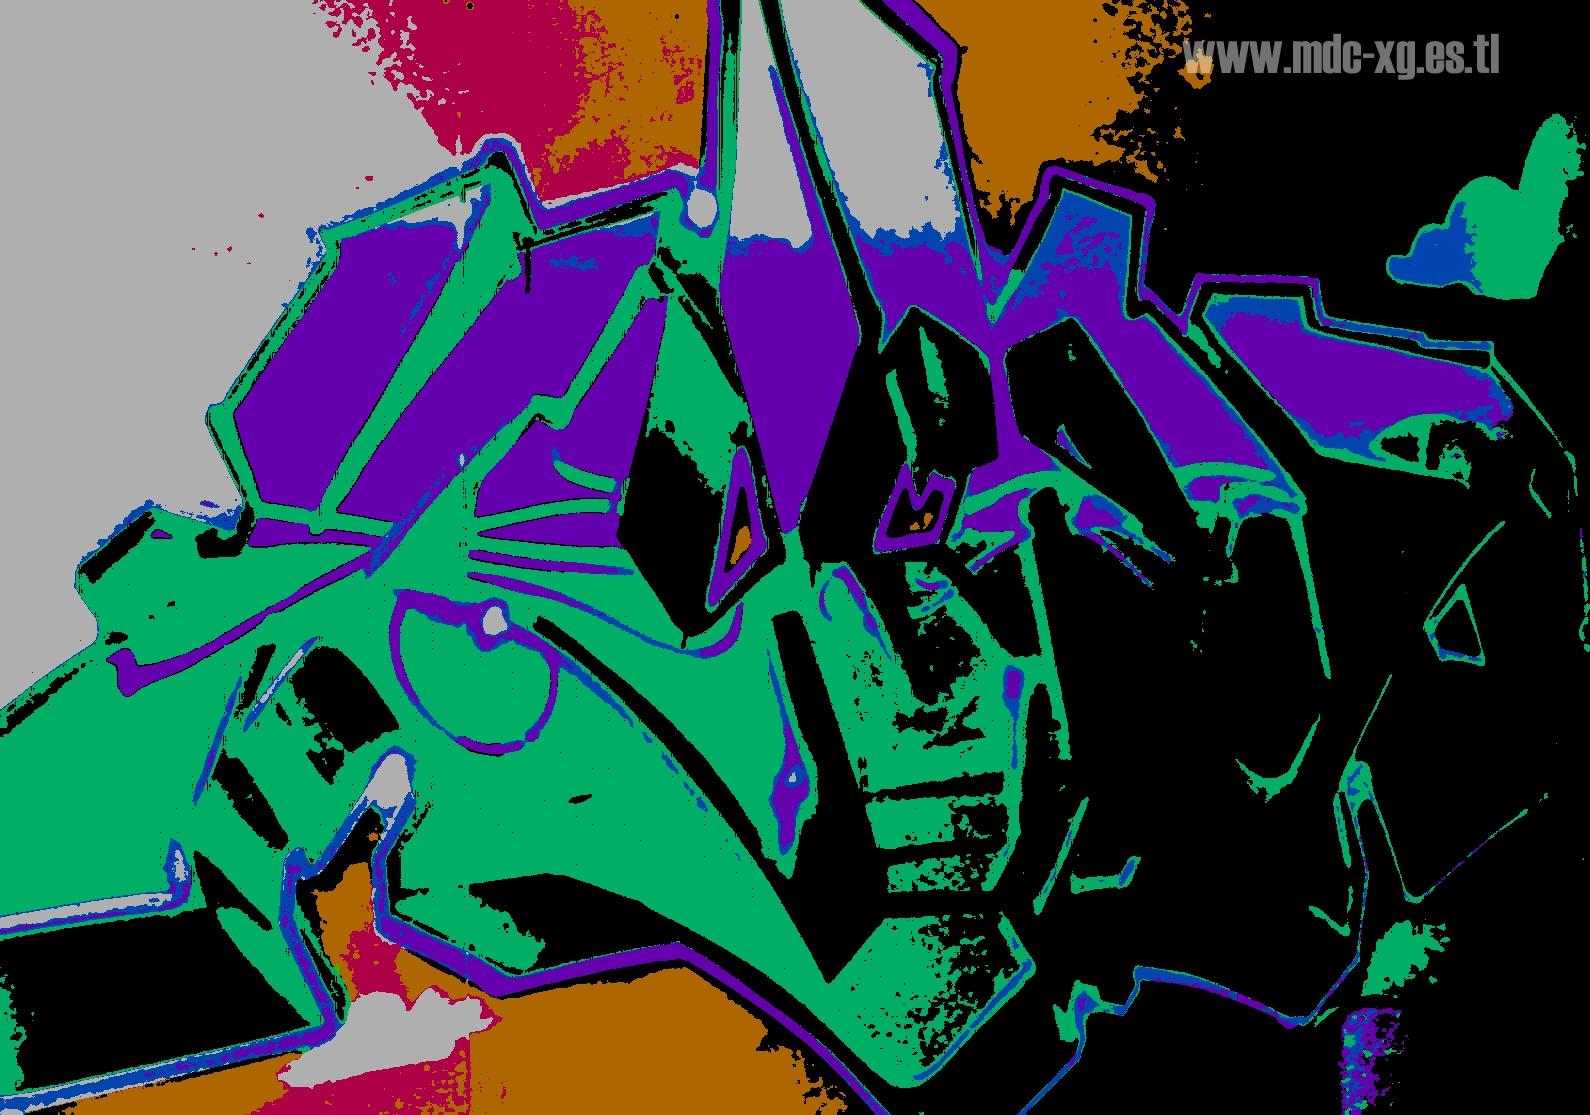 http://1.bp.blogspot.com/_aA8EYvE34w0/TFGiB8v2KXI/AAAAAAAAAHM/o6NojWoyd6Y/s1600/wallpaper_11363.jpg